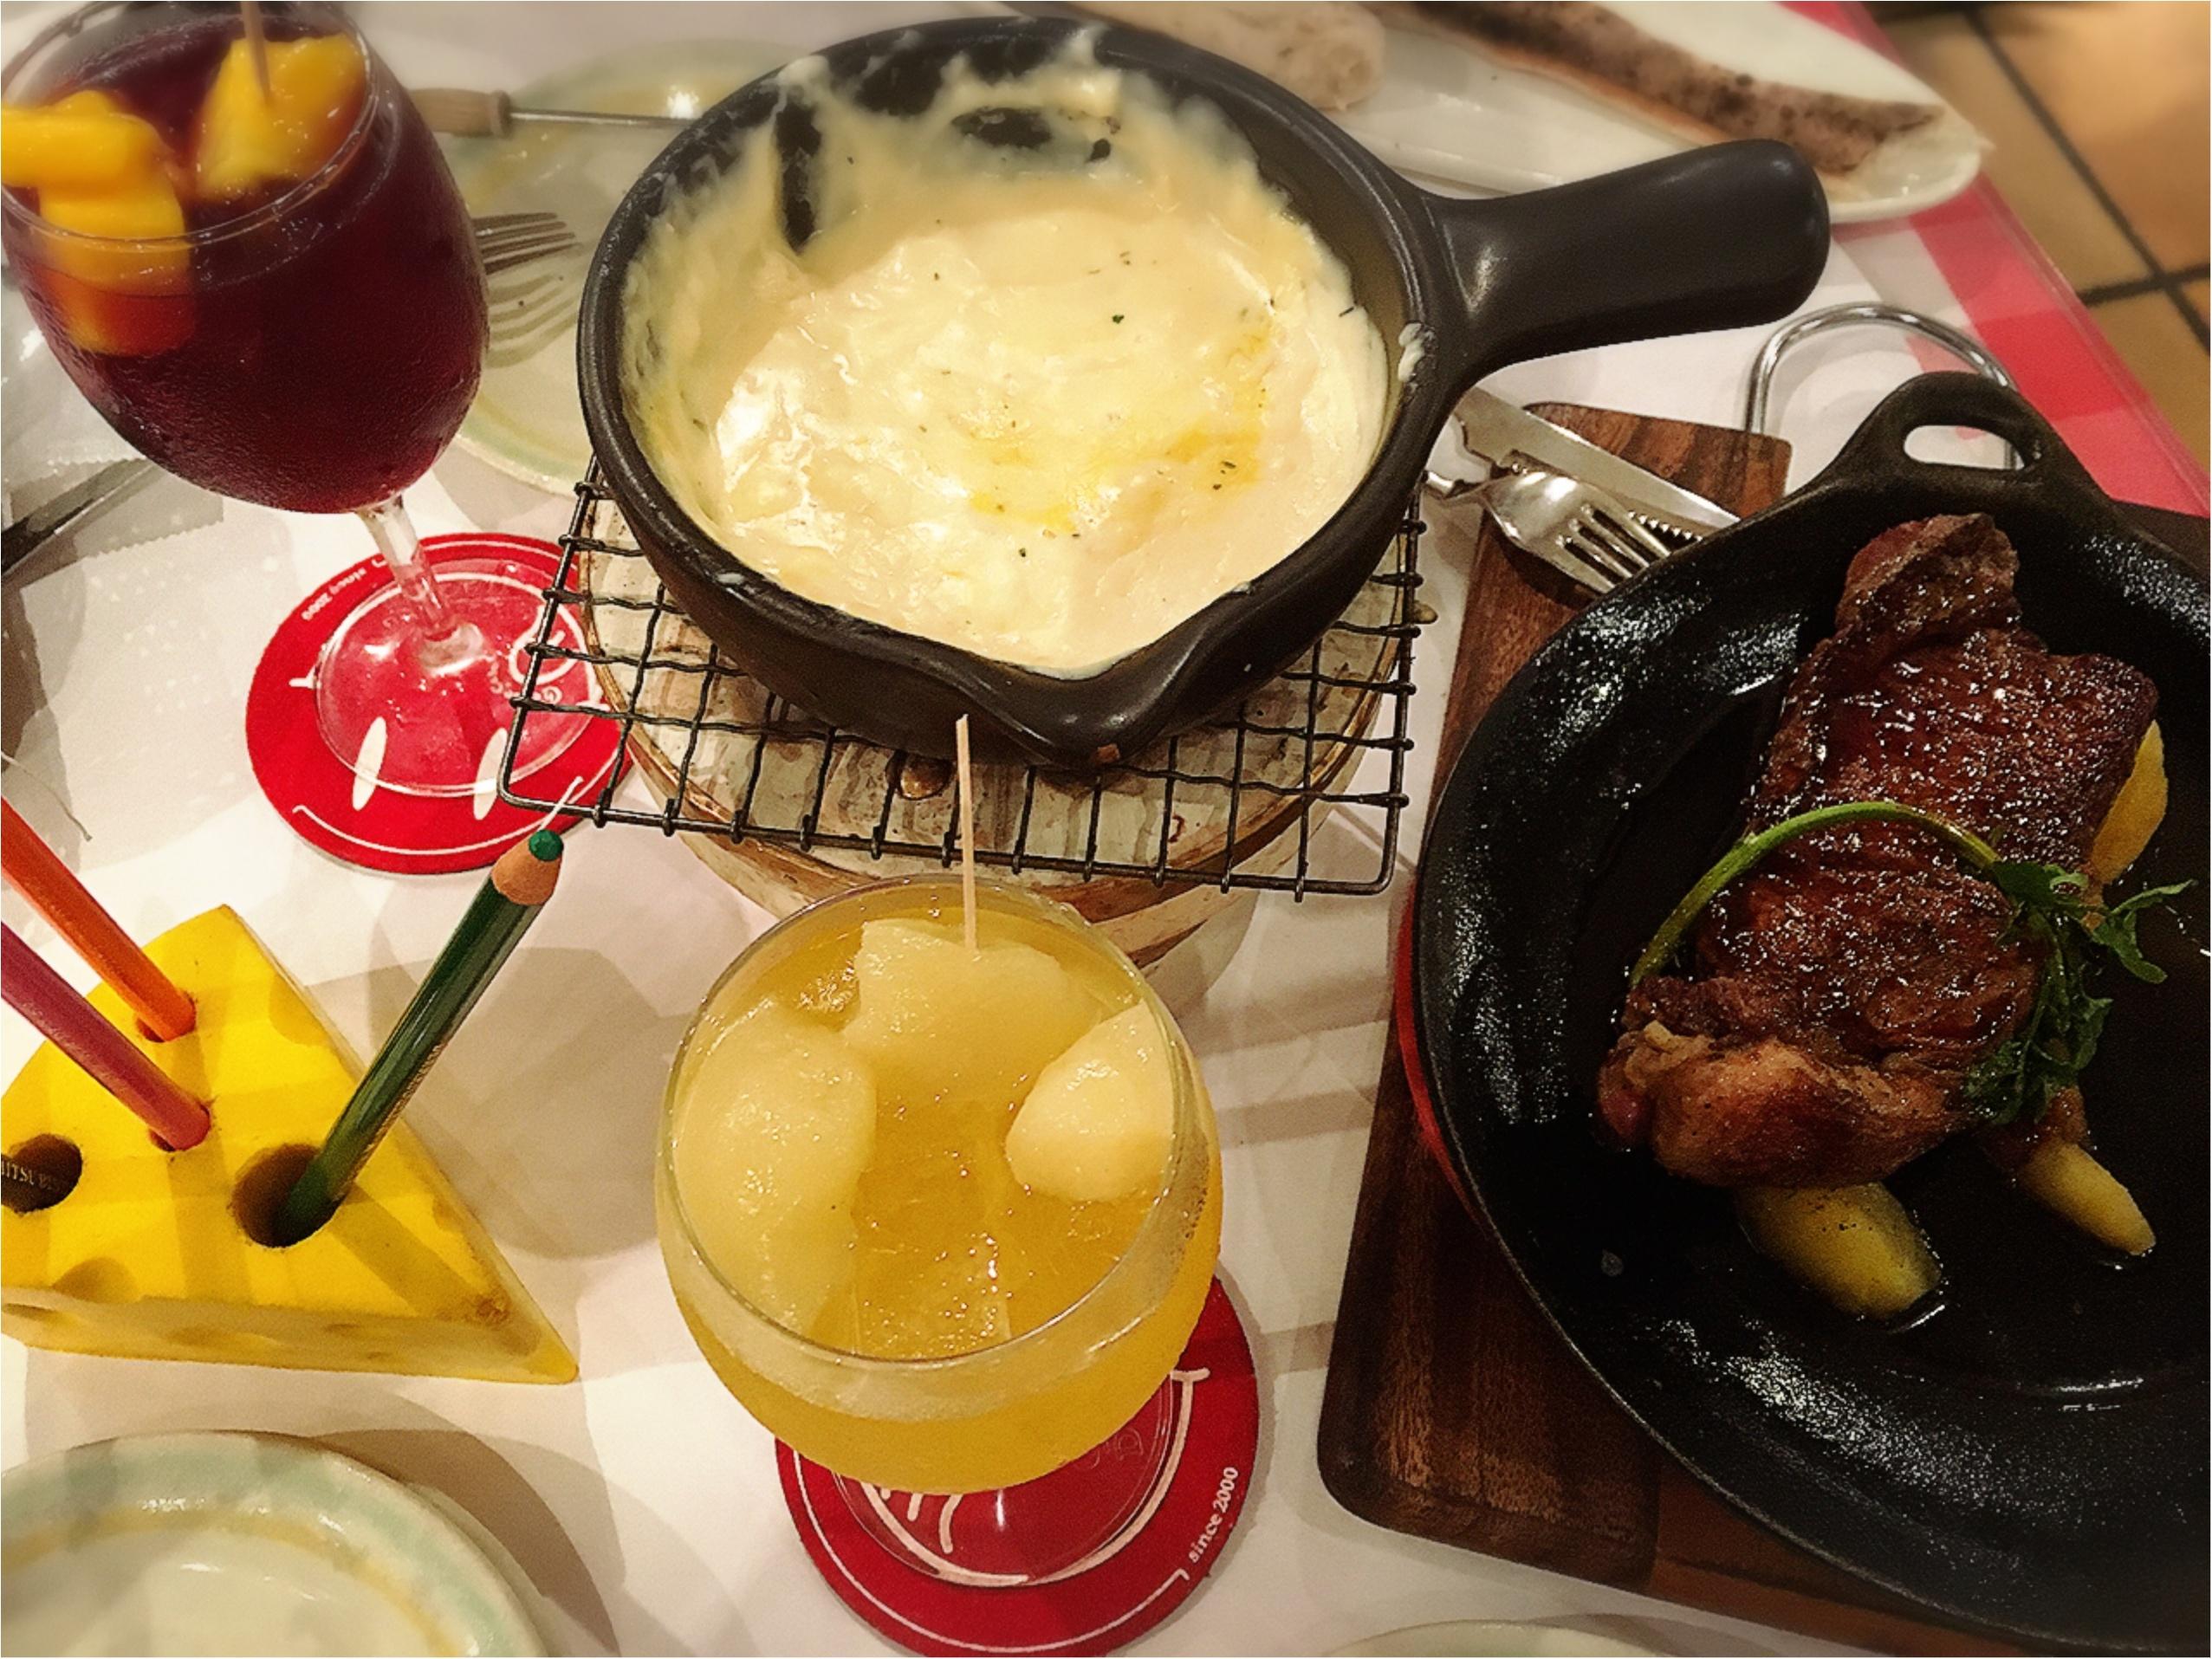 予約が取れない人気店!横浜チーズカフェに予約なしで入れちゃいました‼︎_5